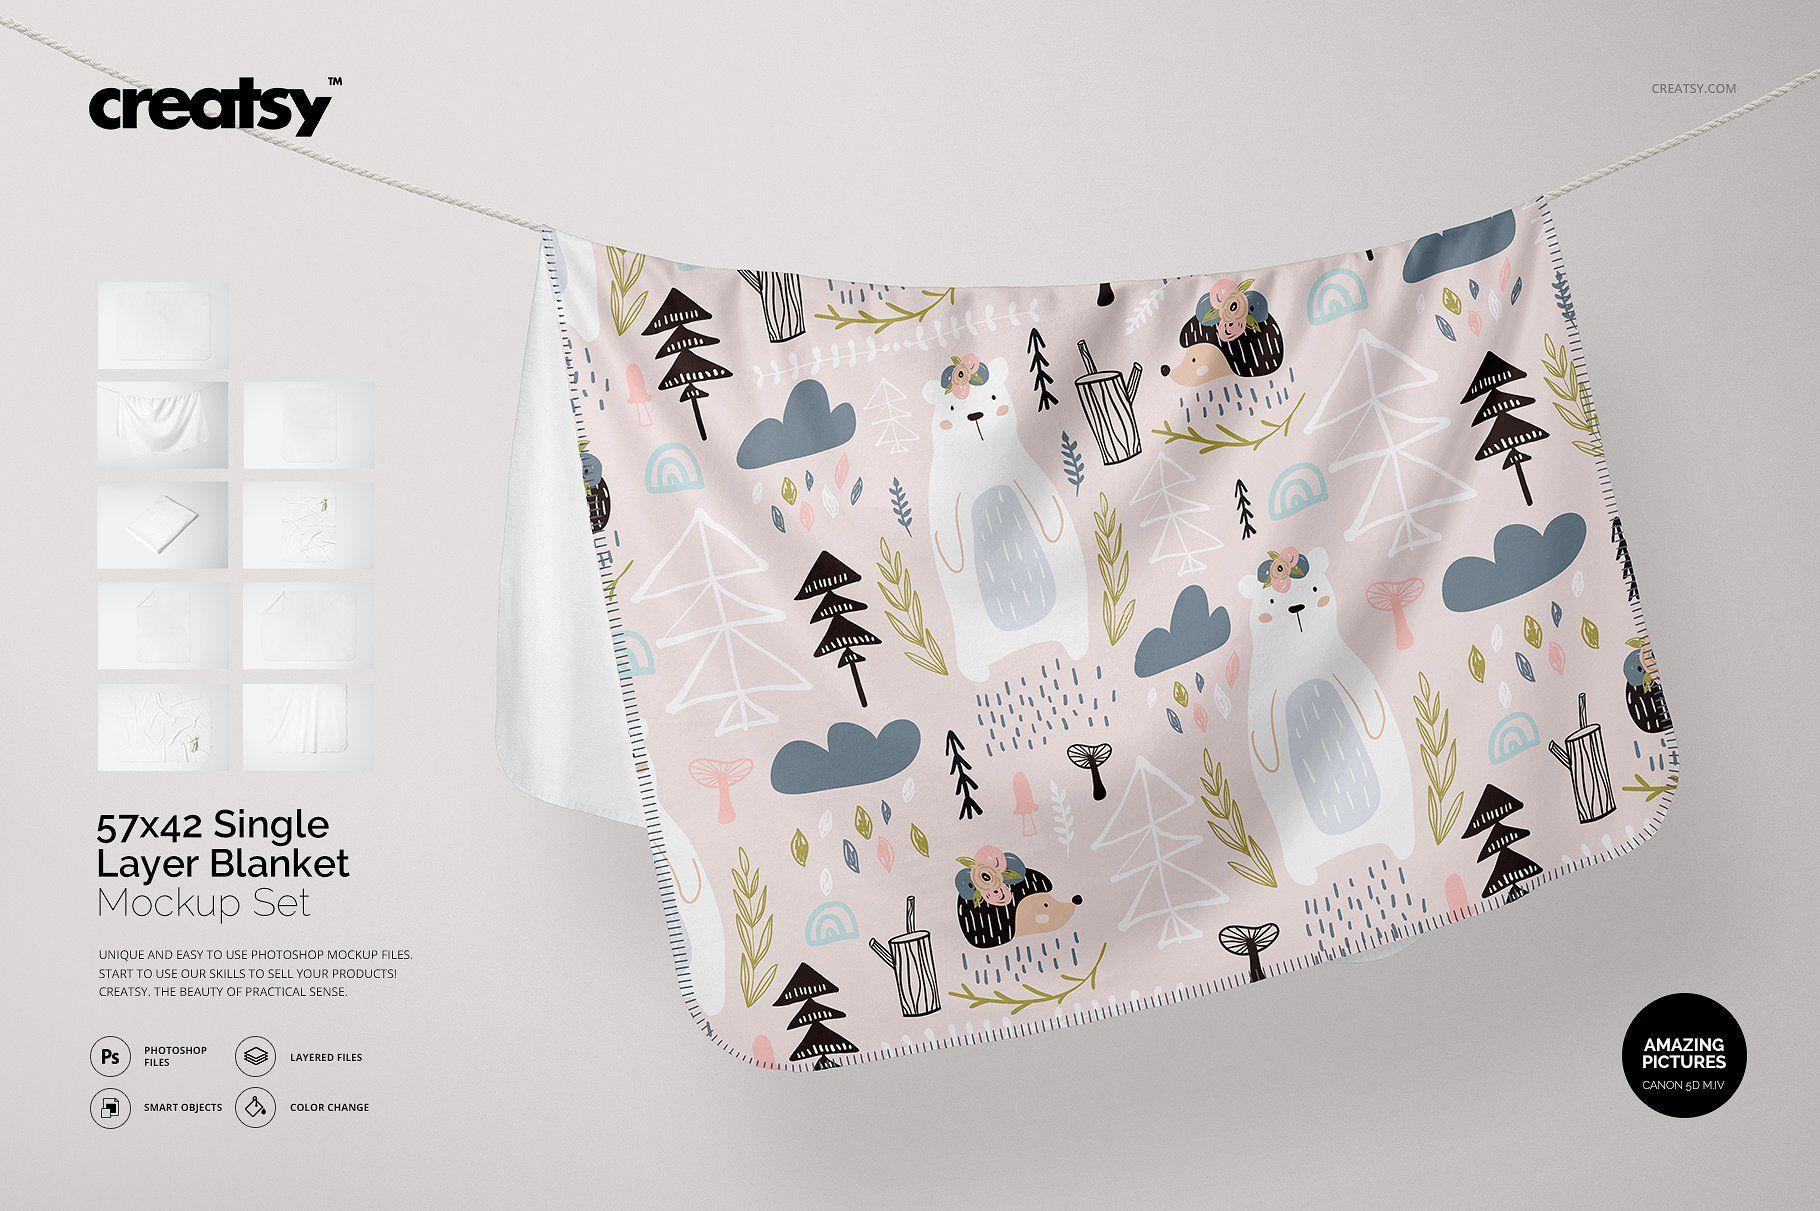 Download Single Layer Blanket Mockup Set Mockup Customized Blankets Mockup Design